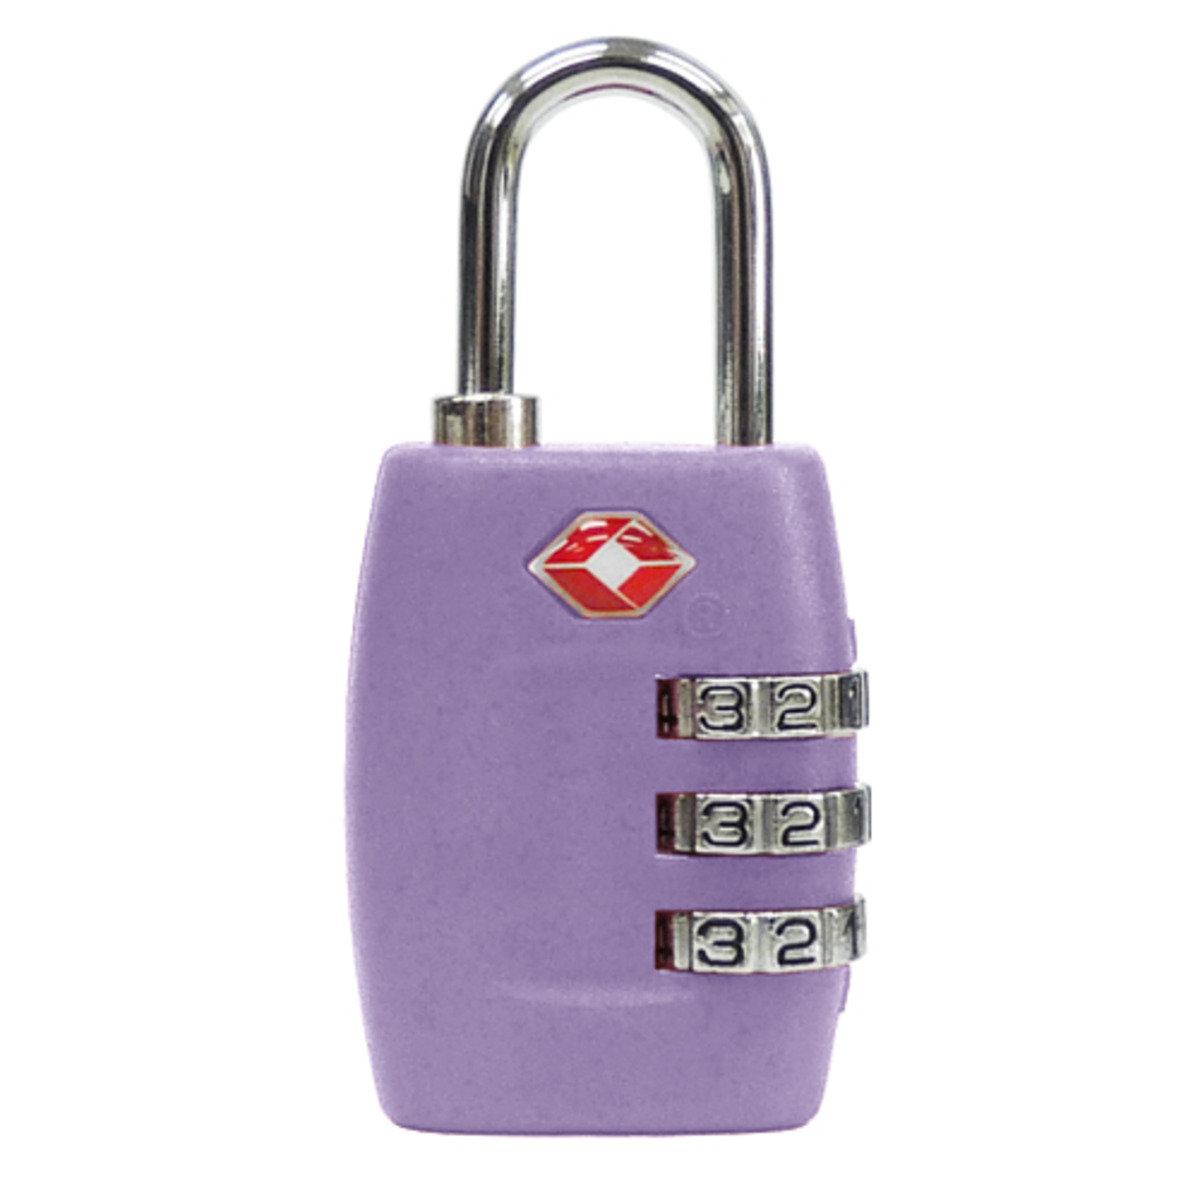 紫丁香色 TSA 海關鎖